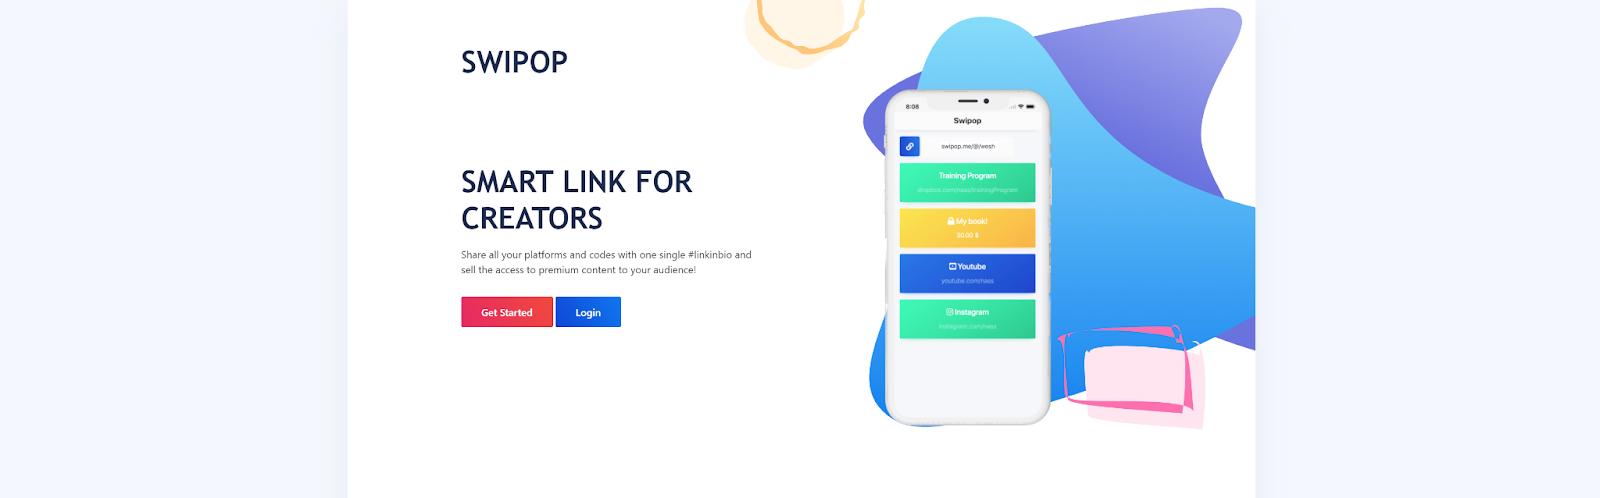 Swipop website